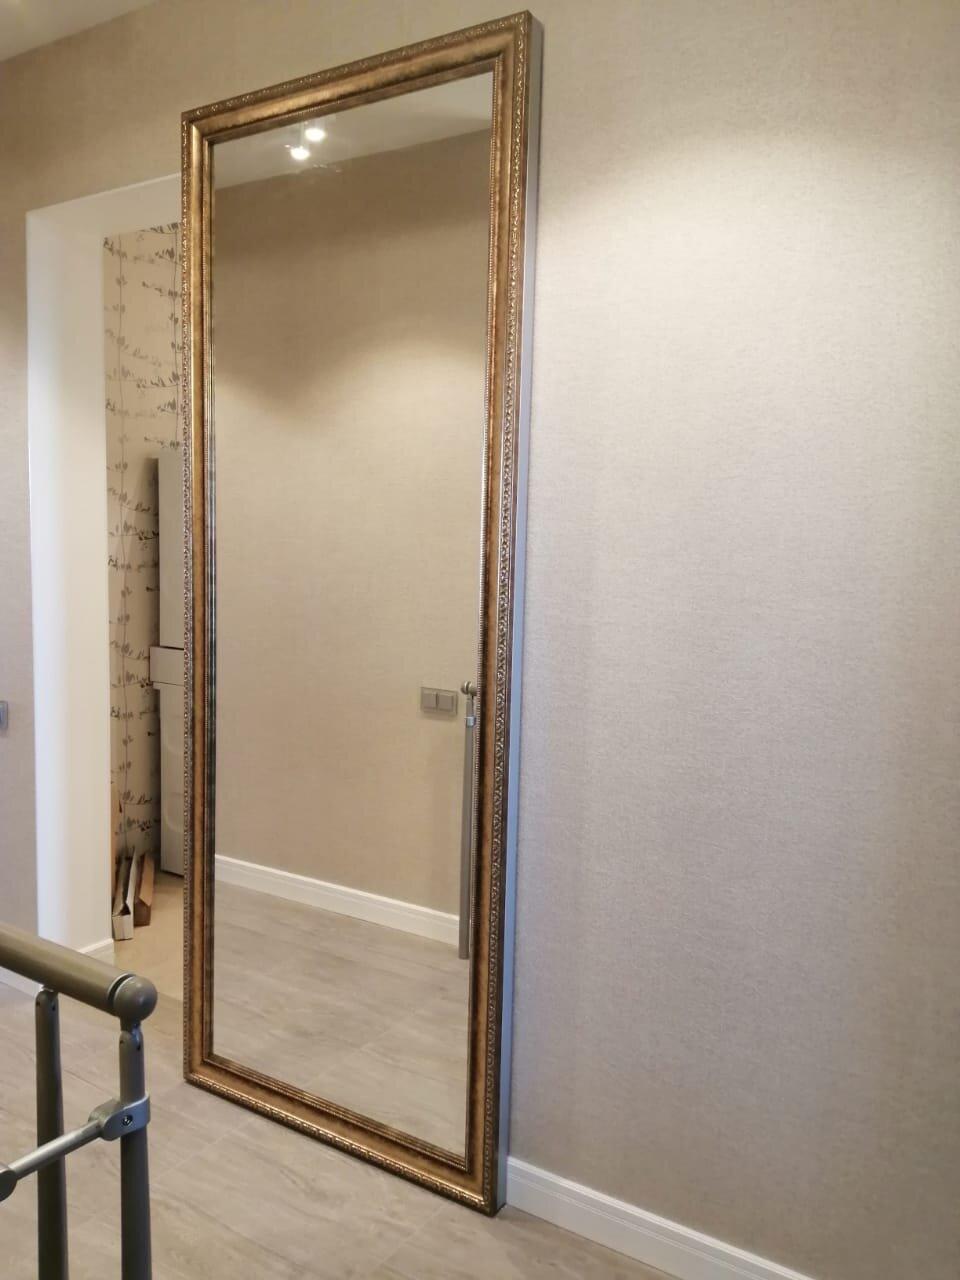 Полотно имеет бронзовые зеркальные панели вместо стандартных серебряных зеркальных панелей. Кроме того, по желанию заказчика, на дверное полотно был установлен багет золотого цвета, что бы дополнительно придать  изделию стилистику окружающего его интерьера.